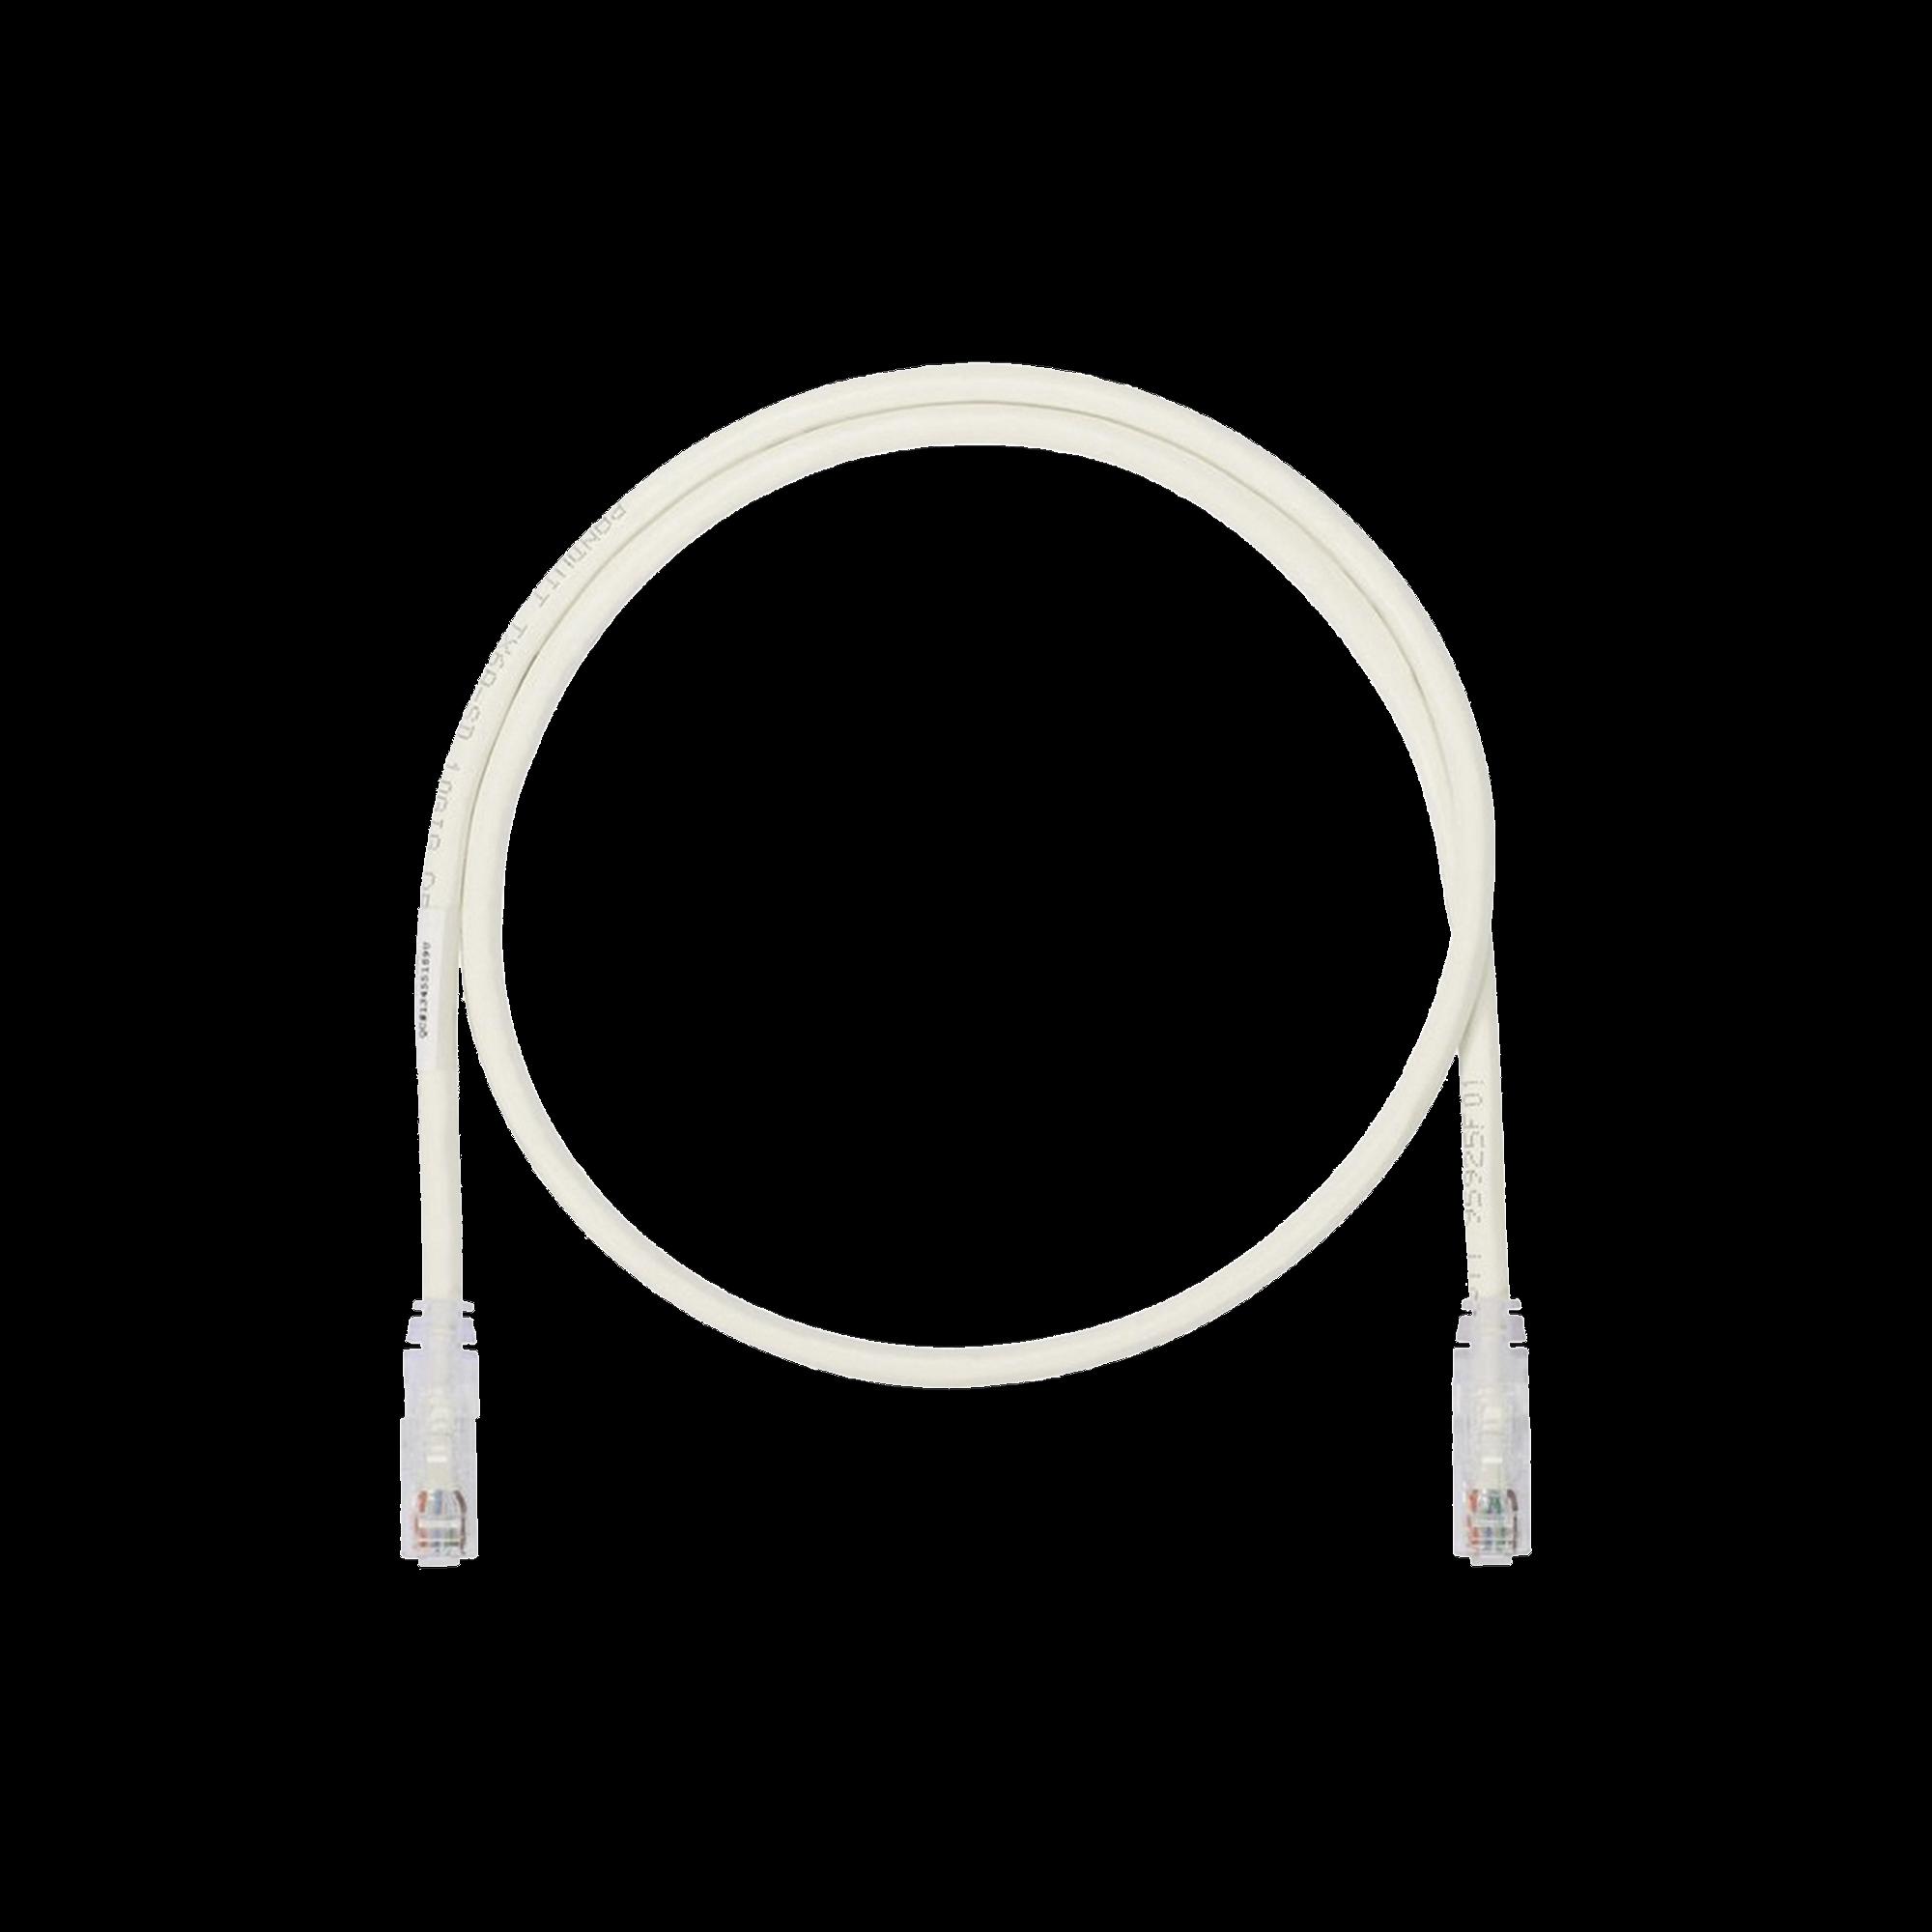 Cable de Parcheo UTP, Cat6A, 26 AWG, CM, Color Blanco Mate, 10ft